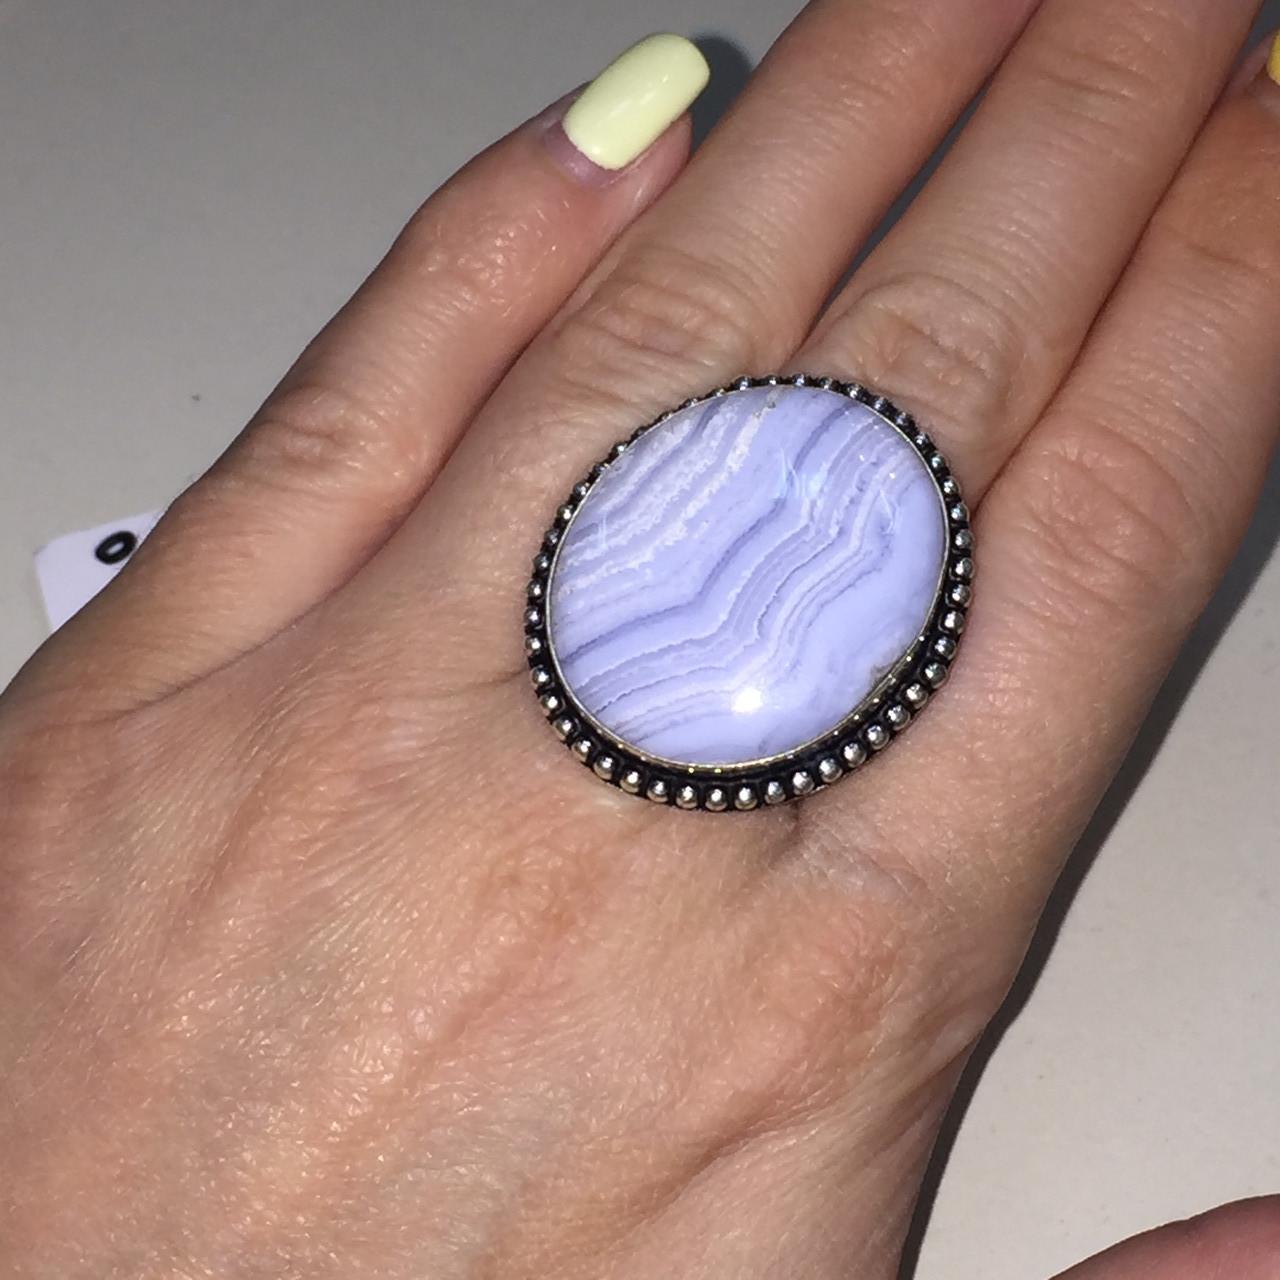 Сапфирин красивое круглое кольцо с камнем голубой агат сапфирин в серебре. Кольцо с сапфирином 19 размер Индия